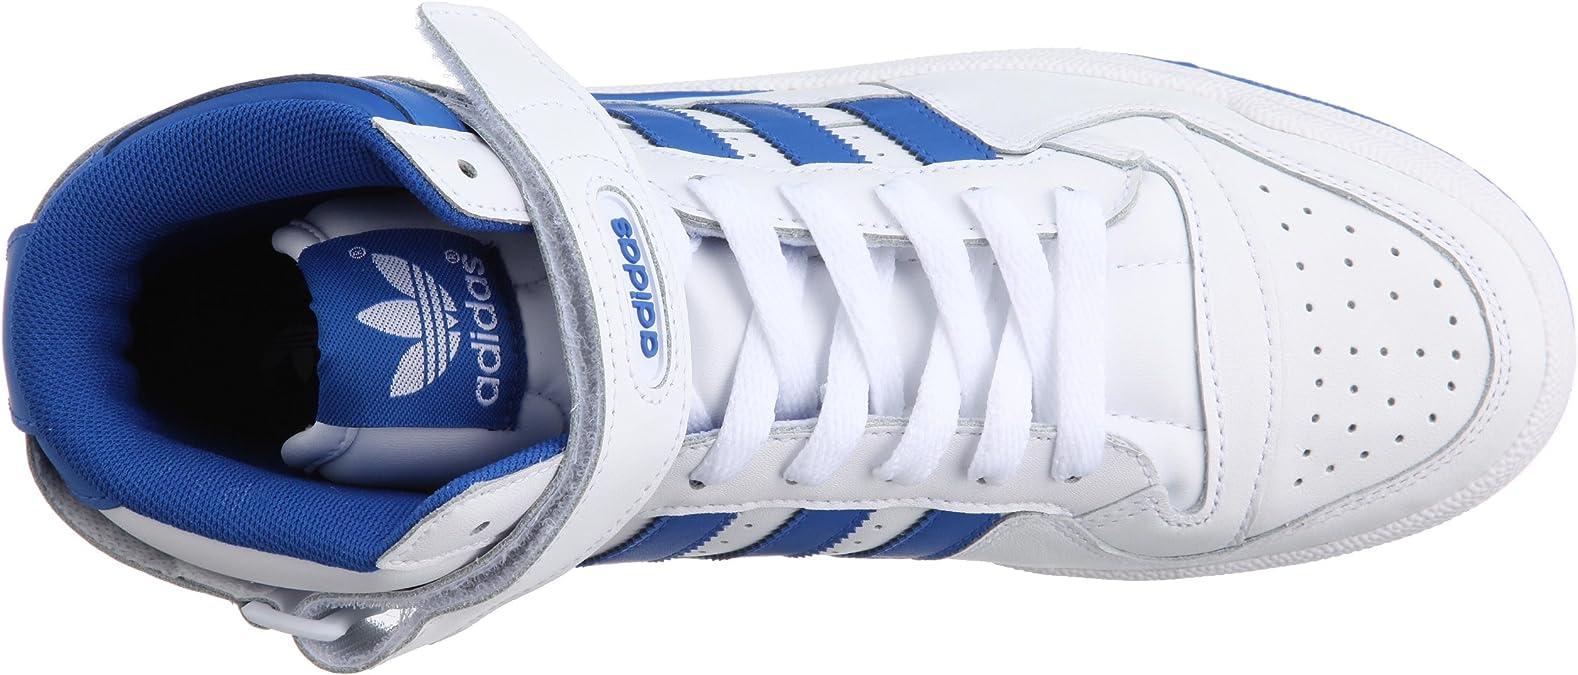 adidas Originals Forum Mid Zapatillas de Hombre, Blanco (Blanc ...